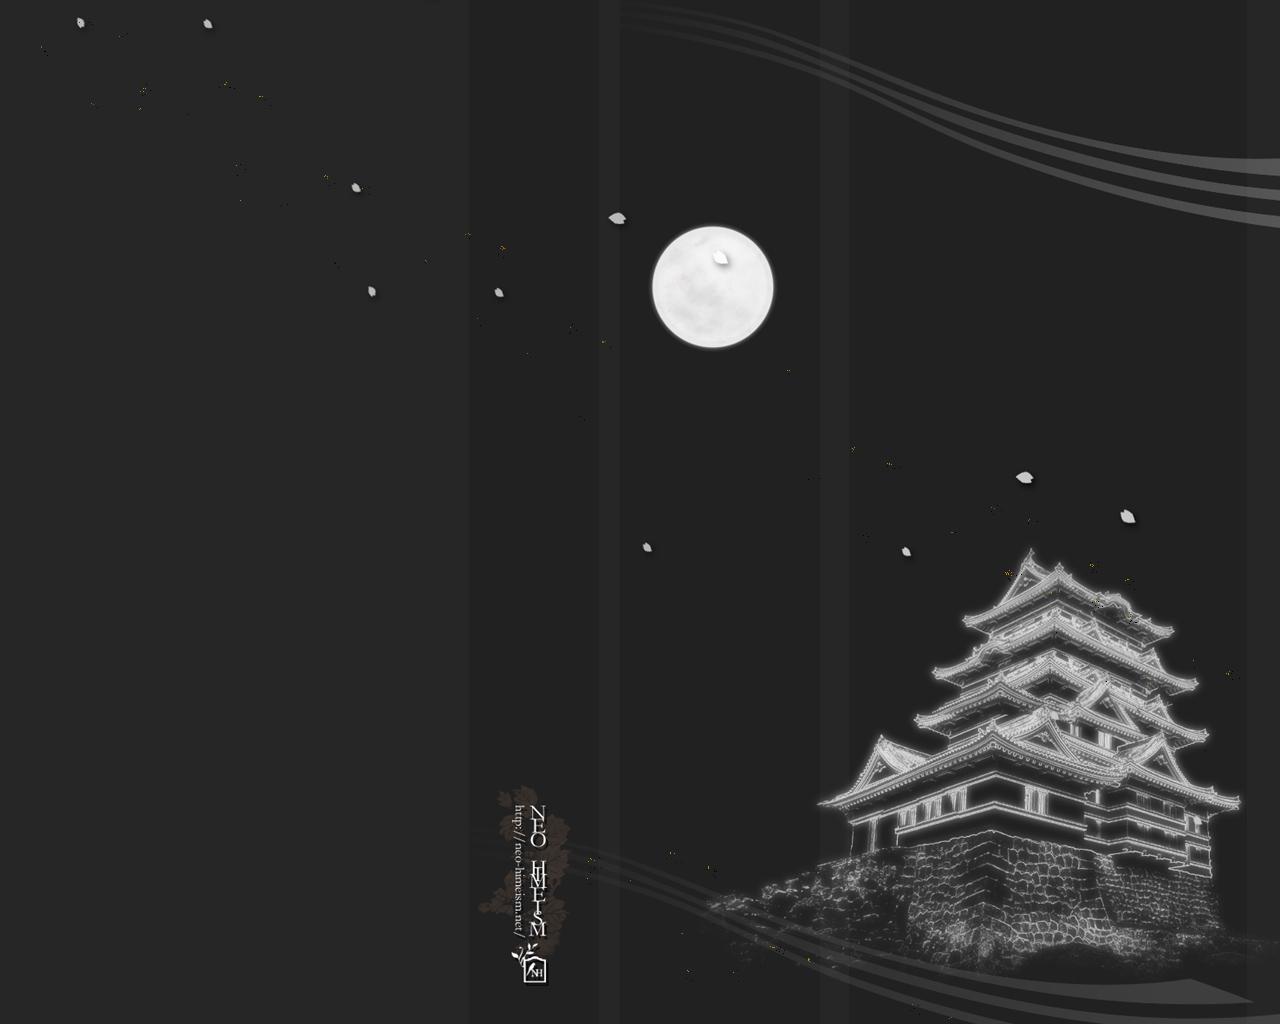 城と満月のデスクトップ壁紙 Neo Himeism